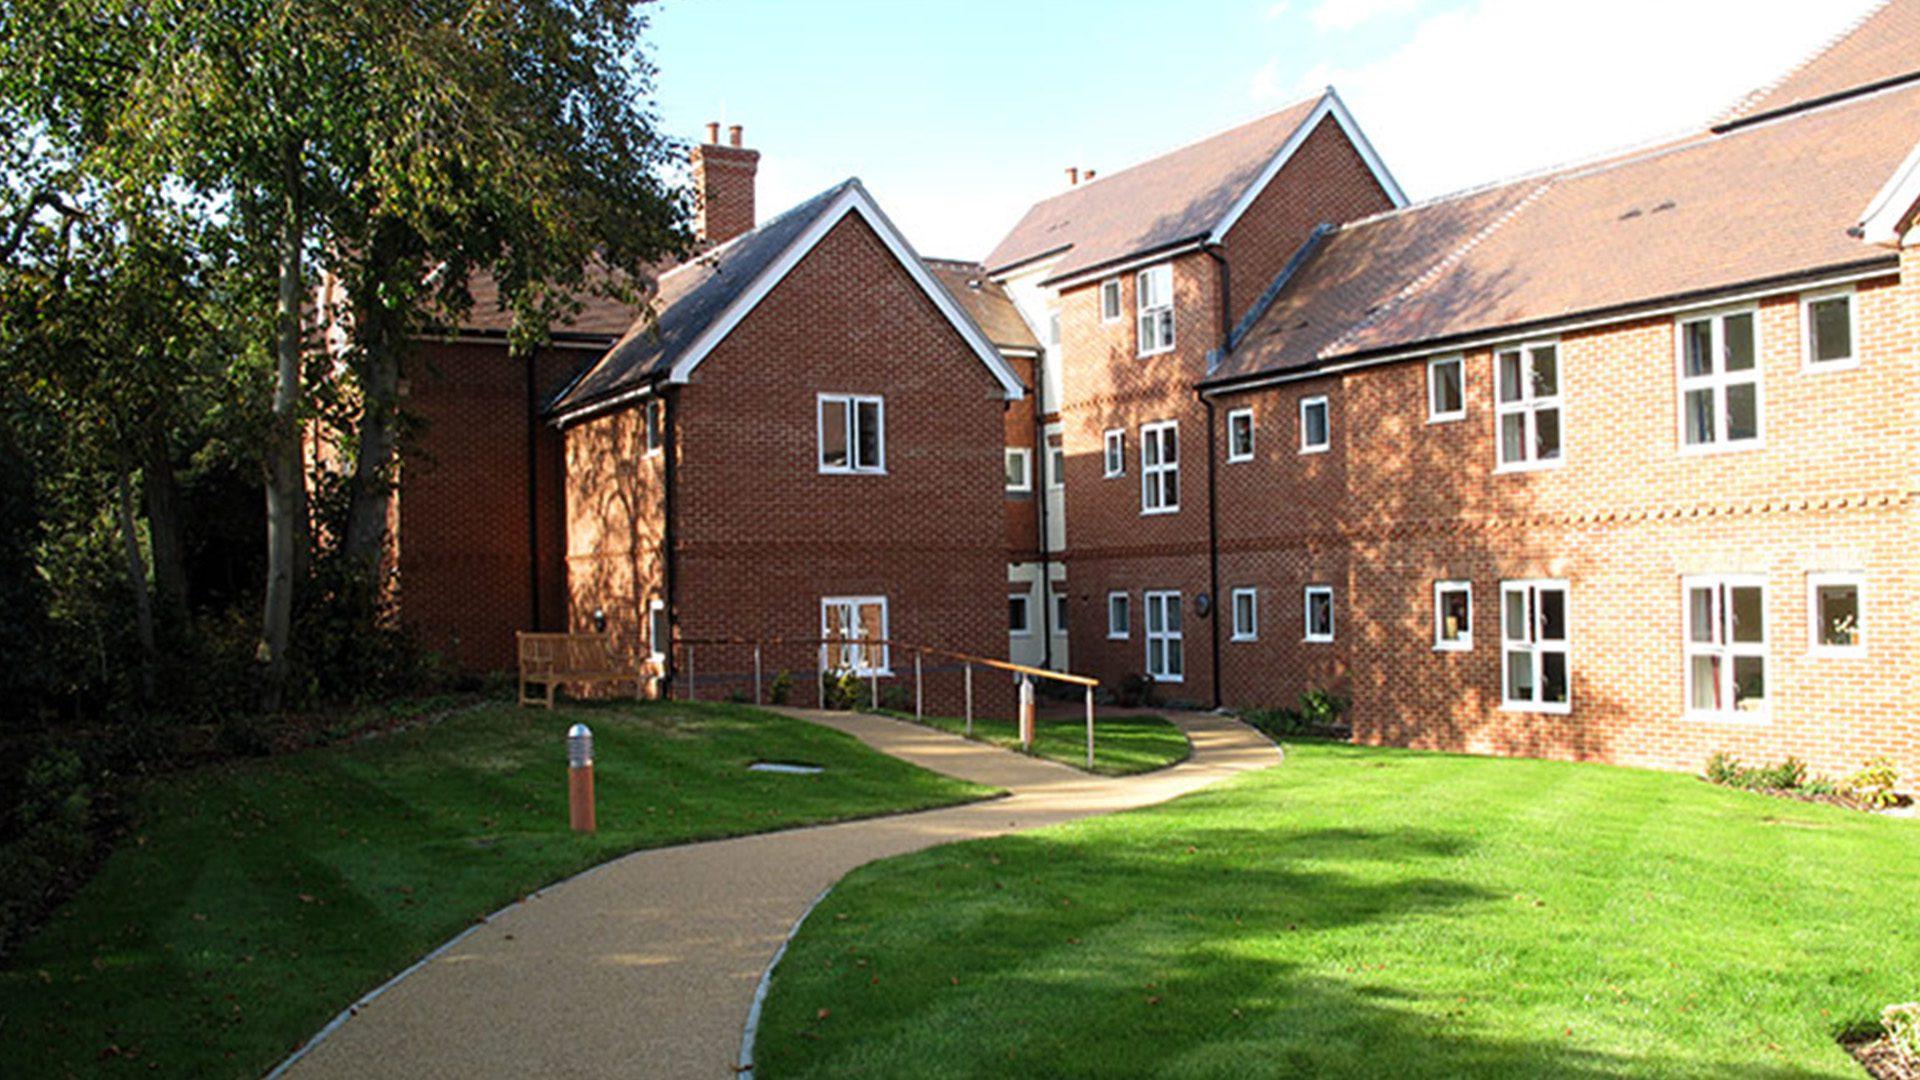 nursing home in farnham Hill House